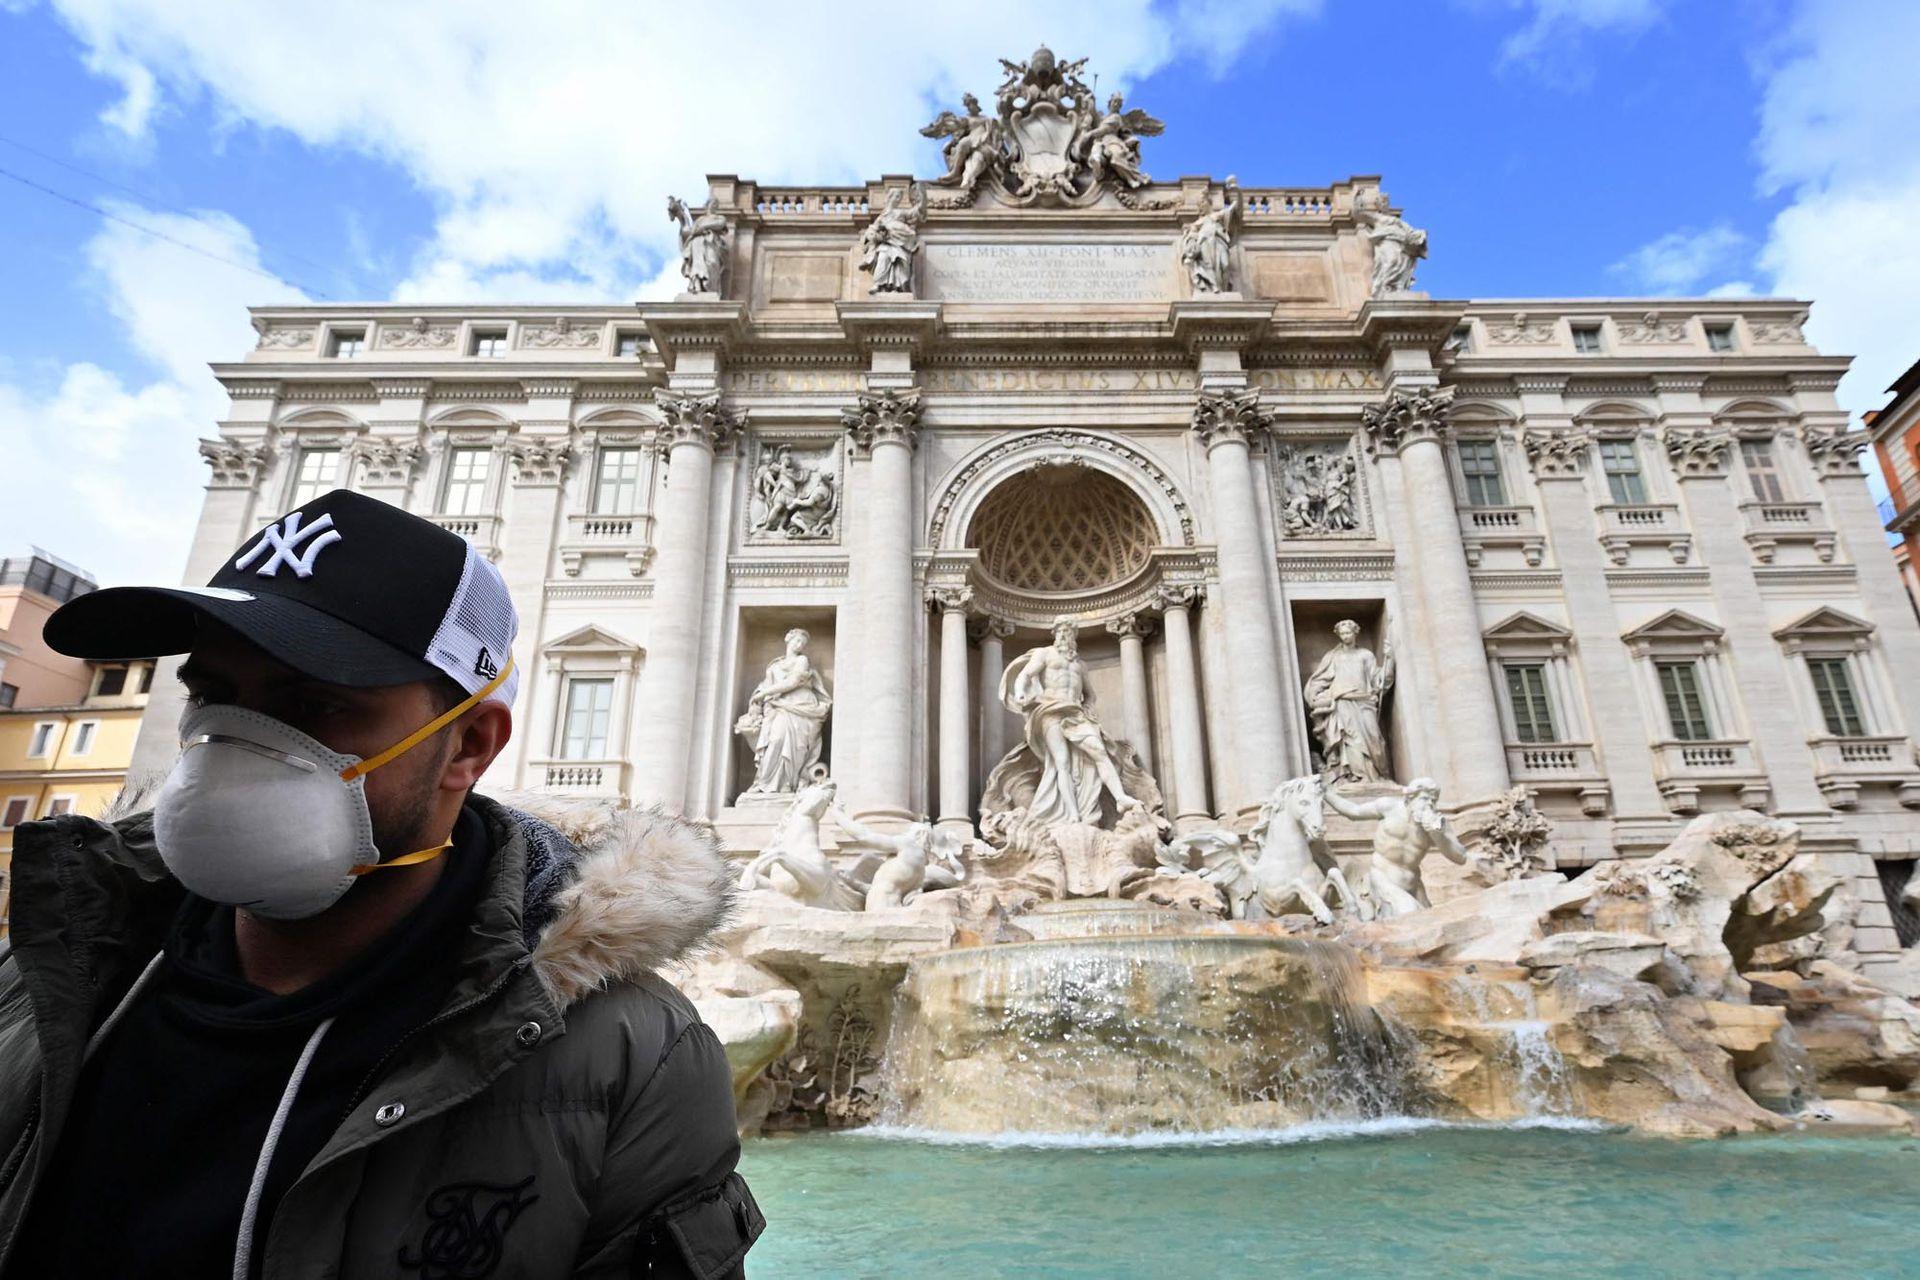 Un turista usa un barbijo frente a la Fontana de Trevi en el centro de Roma, el 3 de marzo de 2020. En Roma, lejos de los puntos críticos del norte, más del 50 por ciento de las reservas se cancelaron hasta finales de marzo, dijo la asociación de hoteles Federalberghi.